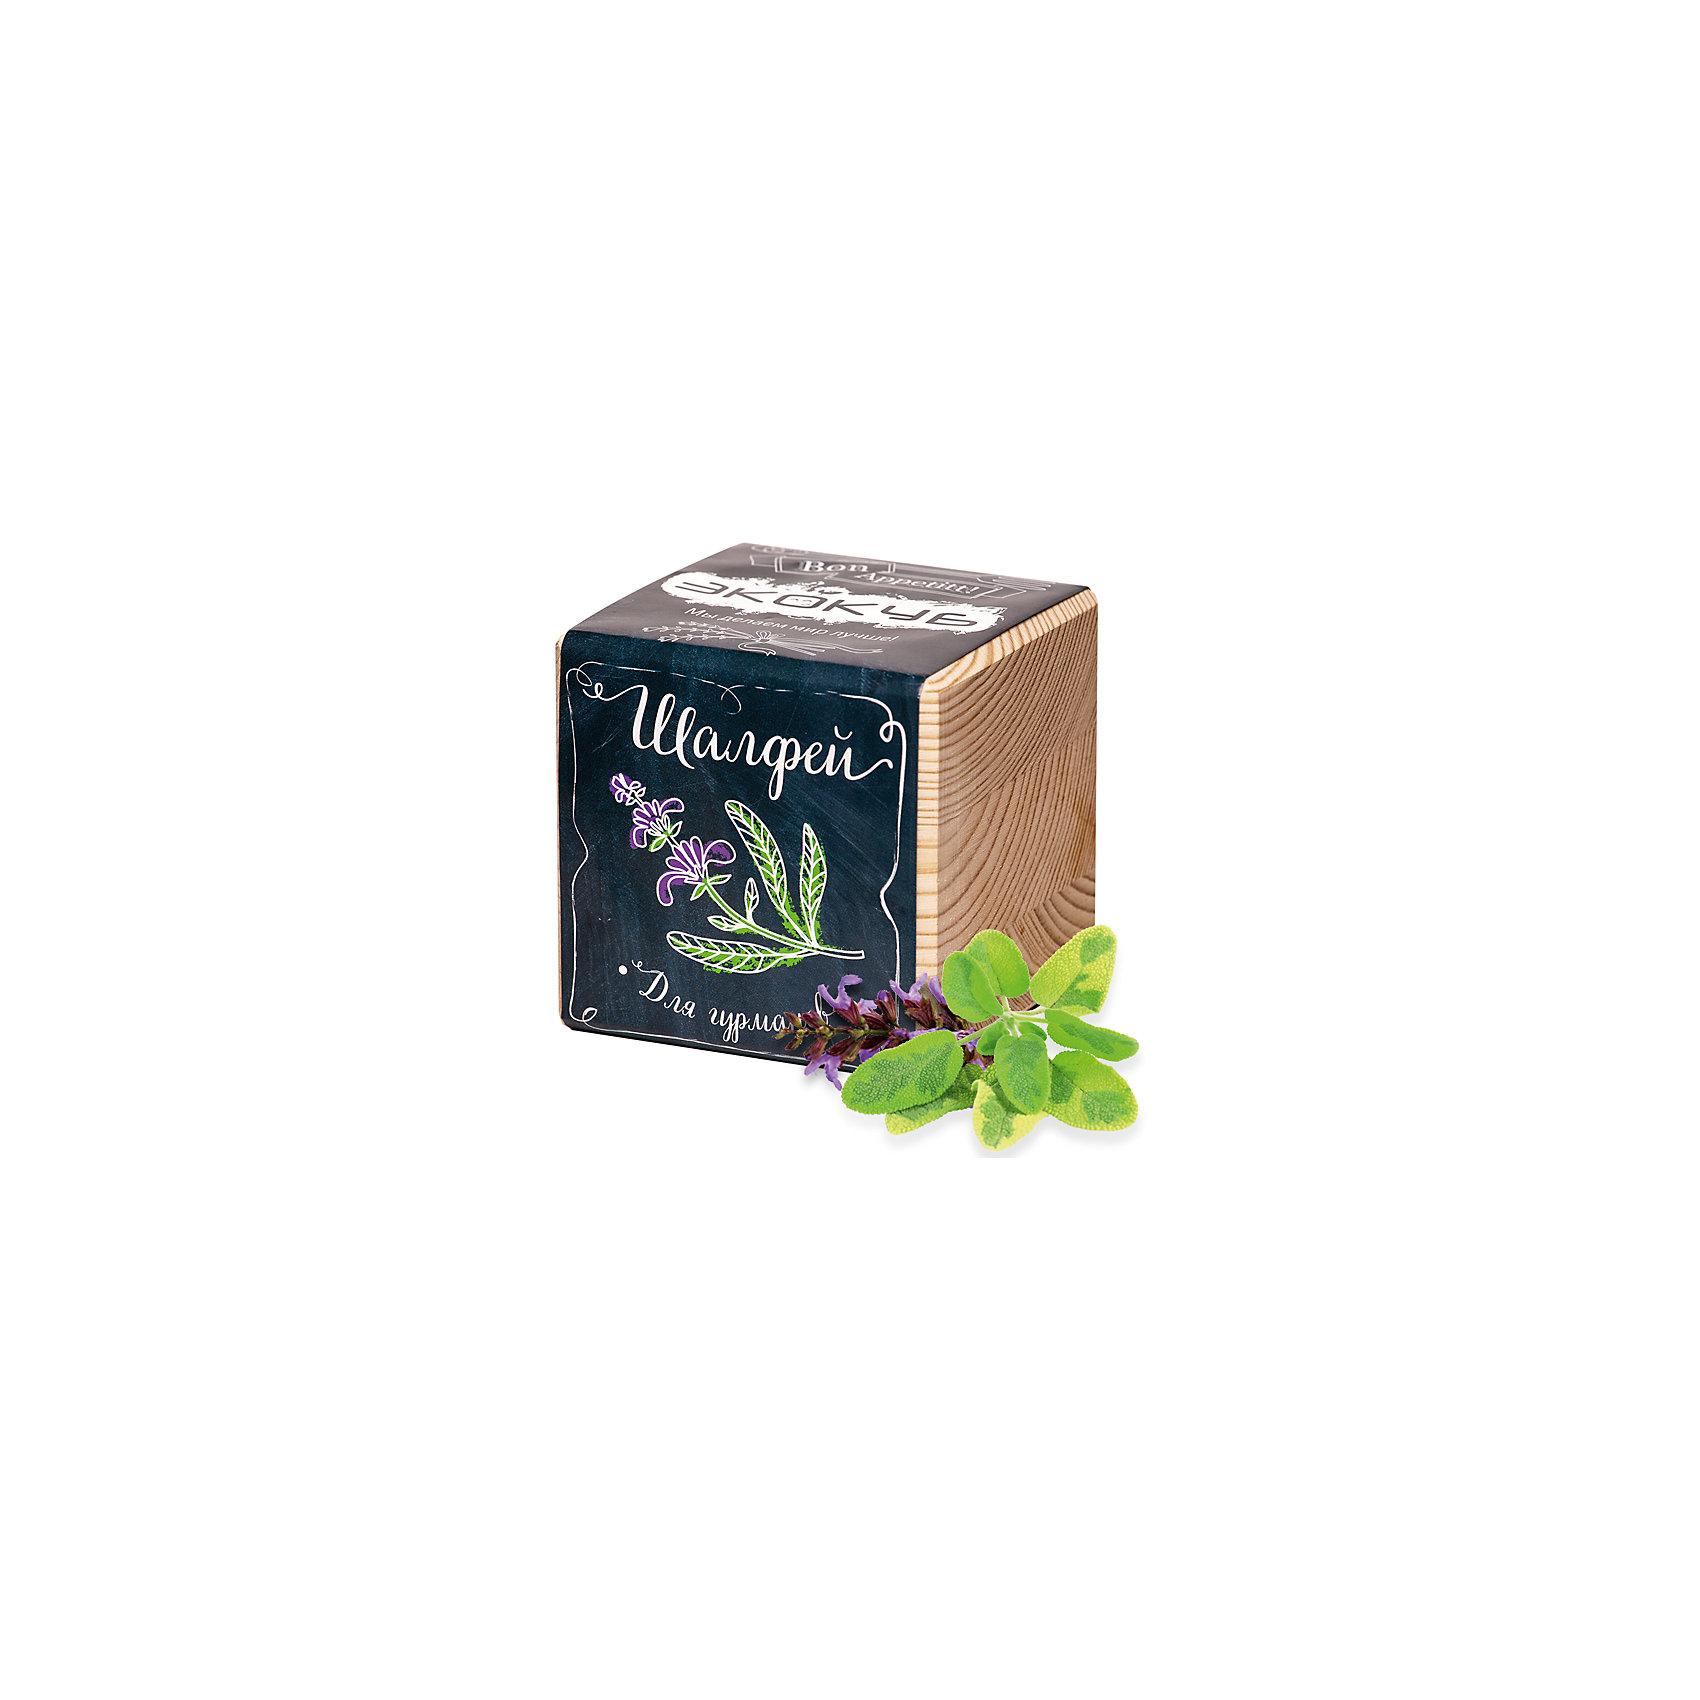 Набор для выращивания Шалфей, ЭкокубНаборы для выращивания растений<br>Наборы Эко Куб - удивительная вещь, которая станет необычным украшением дома или оригинальным подарком. С виду это лишь маленьникй деревянный кубик, но внутри него спрятано настоящее деревце, которое вы самостоятельно сможете прорастить из семечка и собрать урожай. Это увлекательное и полезное занятие для всей семьи, которое поможет родителям стать ближе к своим детям. Набор учит ребенка заботиться о живых существах, воспитывает чувство ответственности.<br><br>Ширина мм: 80<br>Глубина мм: 80<br>Высота мм: 80<br>Вес г: 204<br>Возраст от месяцев: 60<br>Возраст до месяцев: 2147483647<br>Пол: Унисекс<br>Возраст: Детский<br>SKU: 5596059